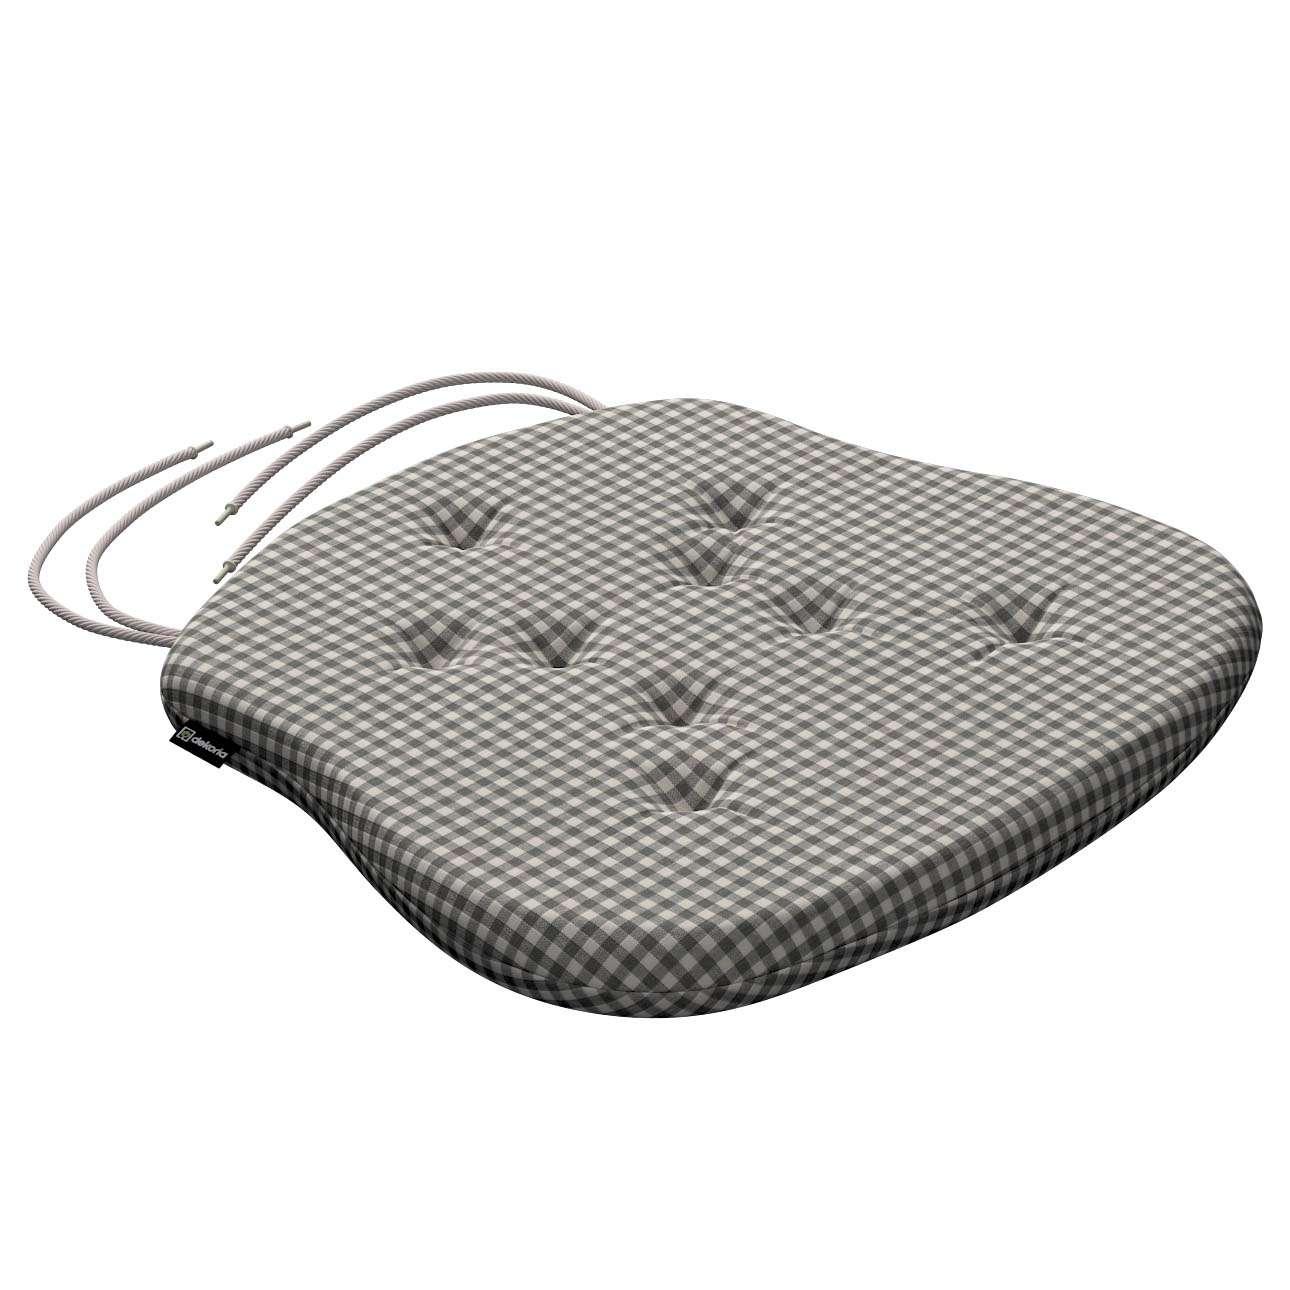 Siedzisko Filip na krzesło 41x38x3,5 cm w kolekcji Quadro, tkanina: 136-10